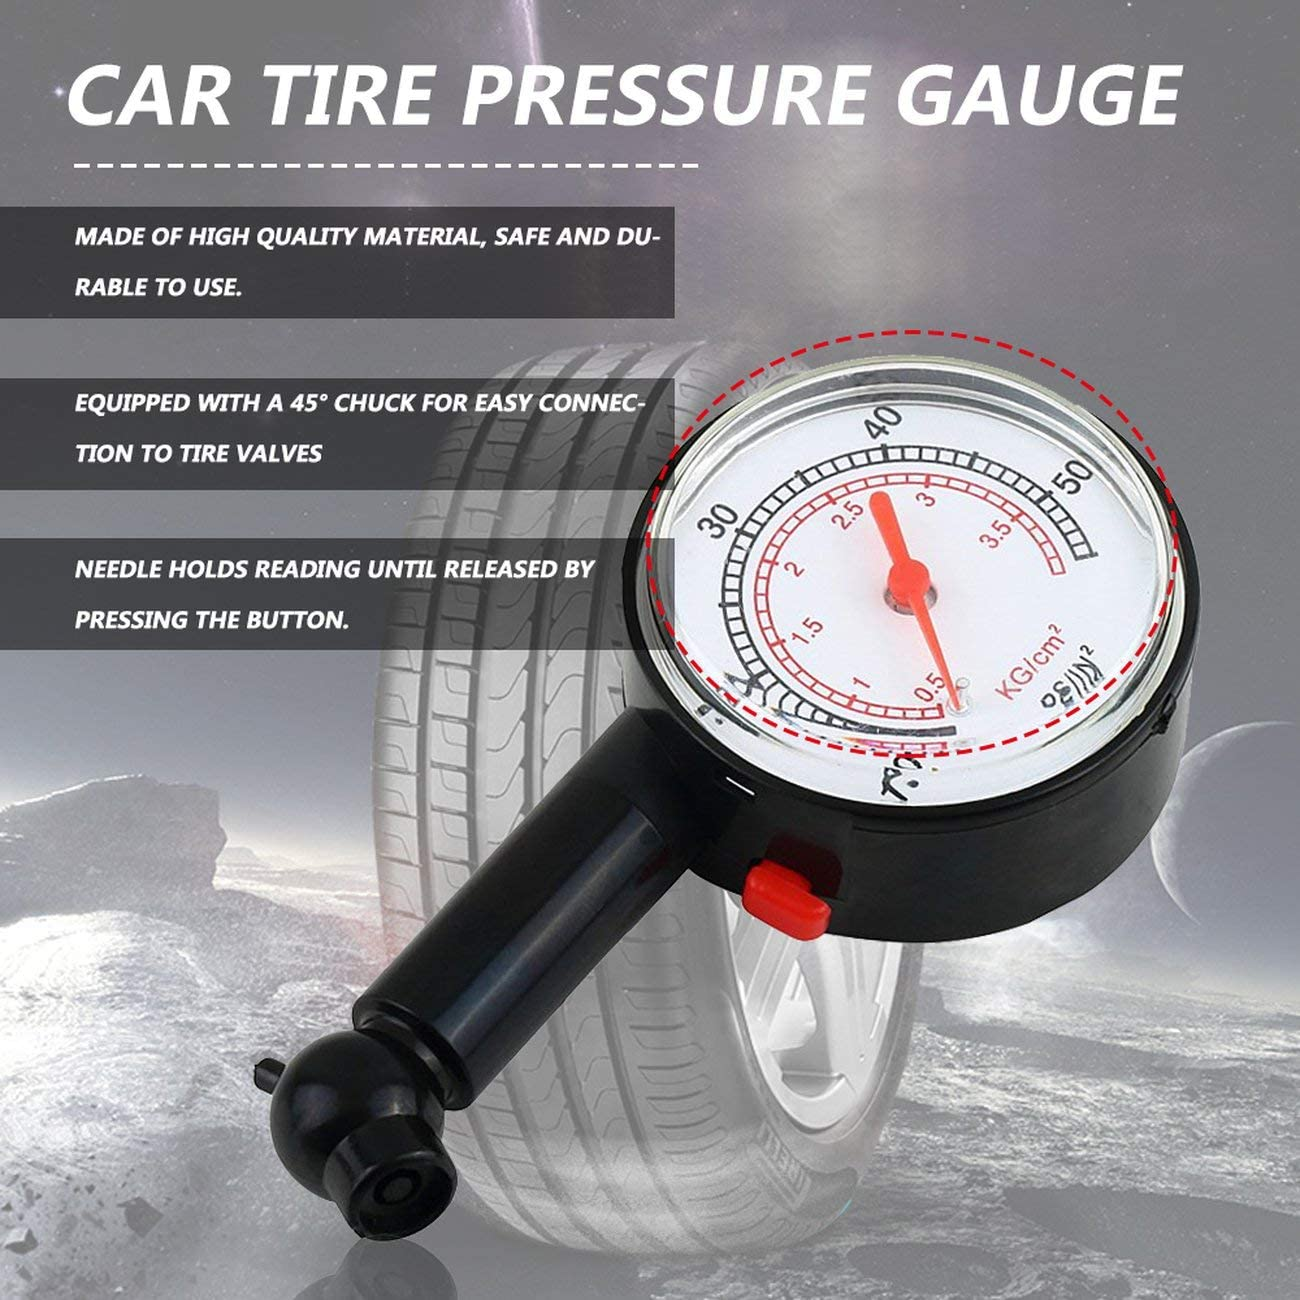 Black JIUY Car Vehicle Motorcycle Bicycle Dial Tire Gauge Meter Pressure Truck Motorcycle Bicycle Tyre Measurement Tool